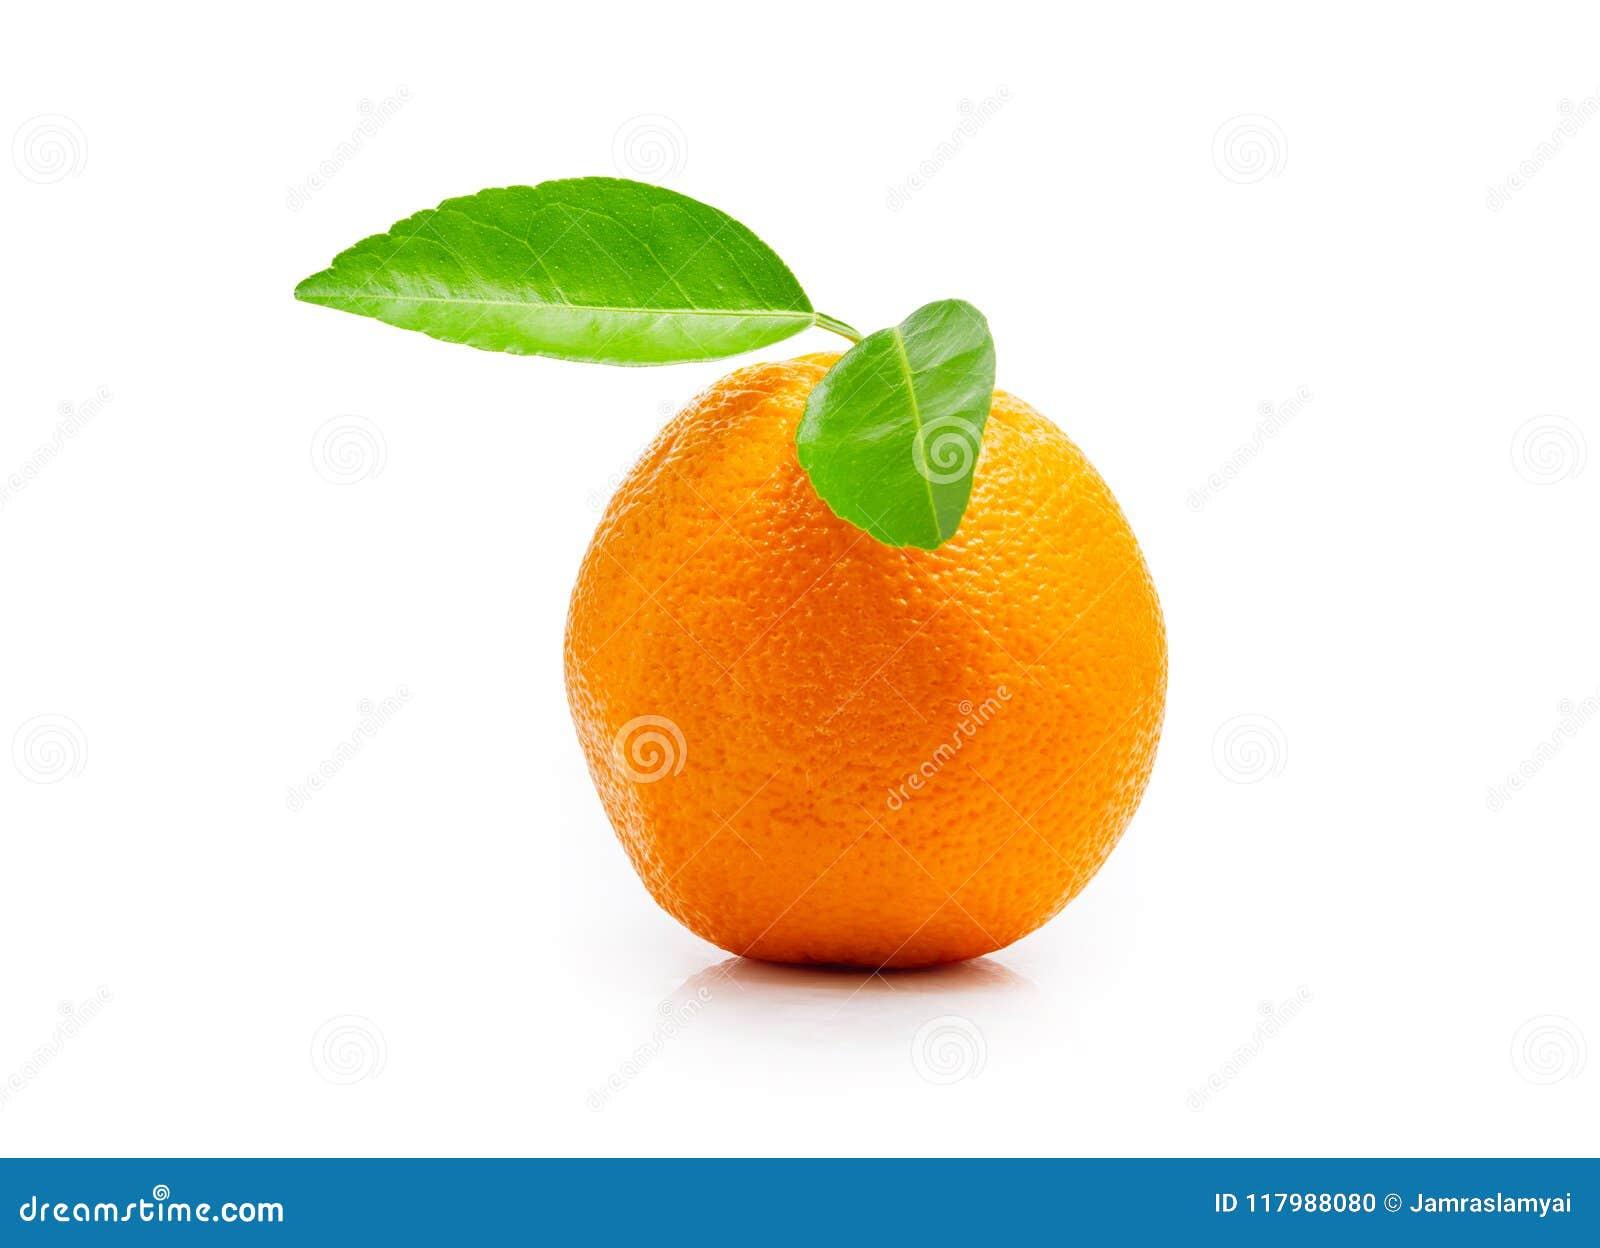 Ny orange frukt med det gröna bladet som isoleras på vit bakgrund Spara innehåller en snabb bana